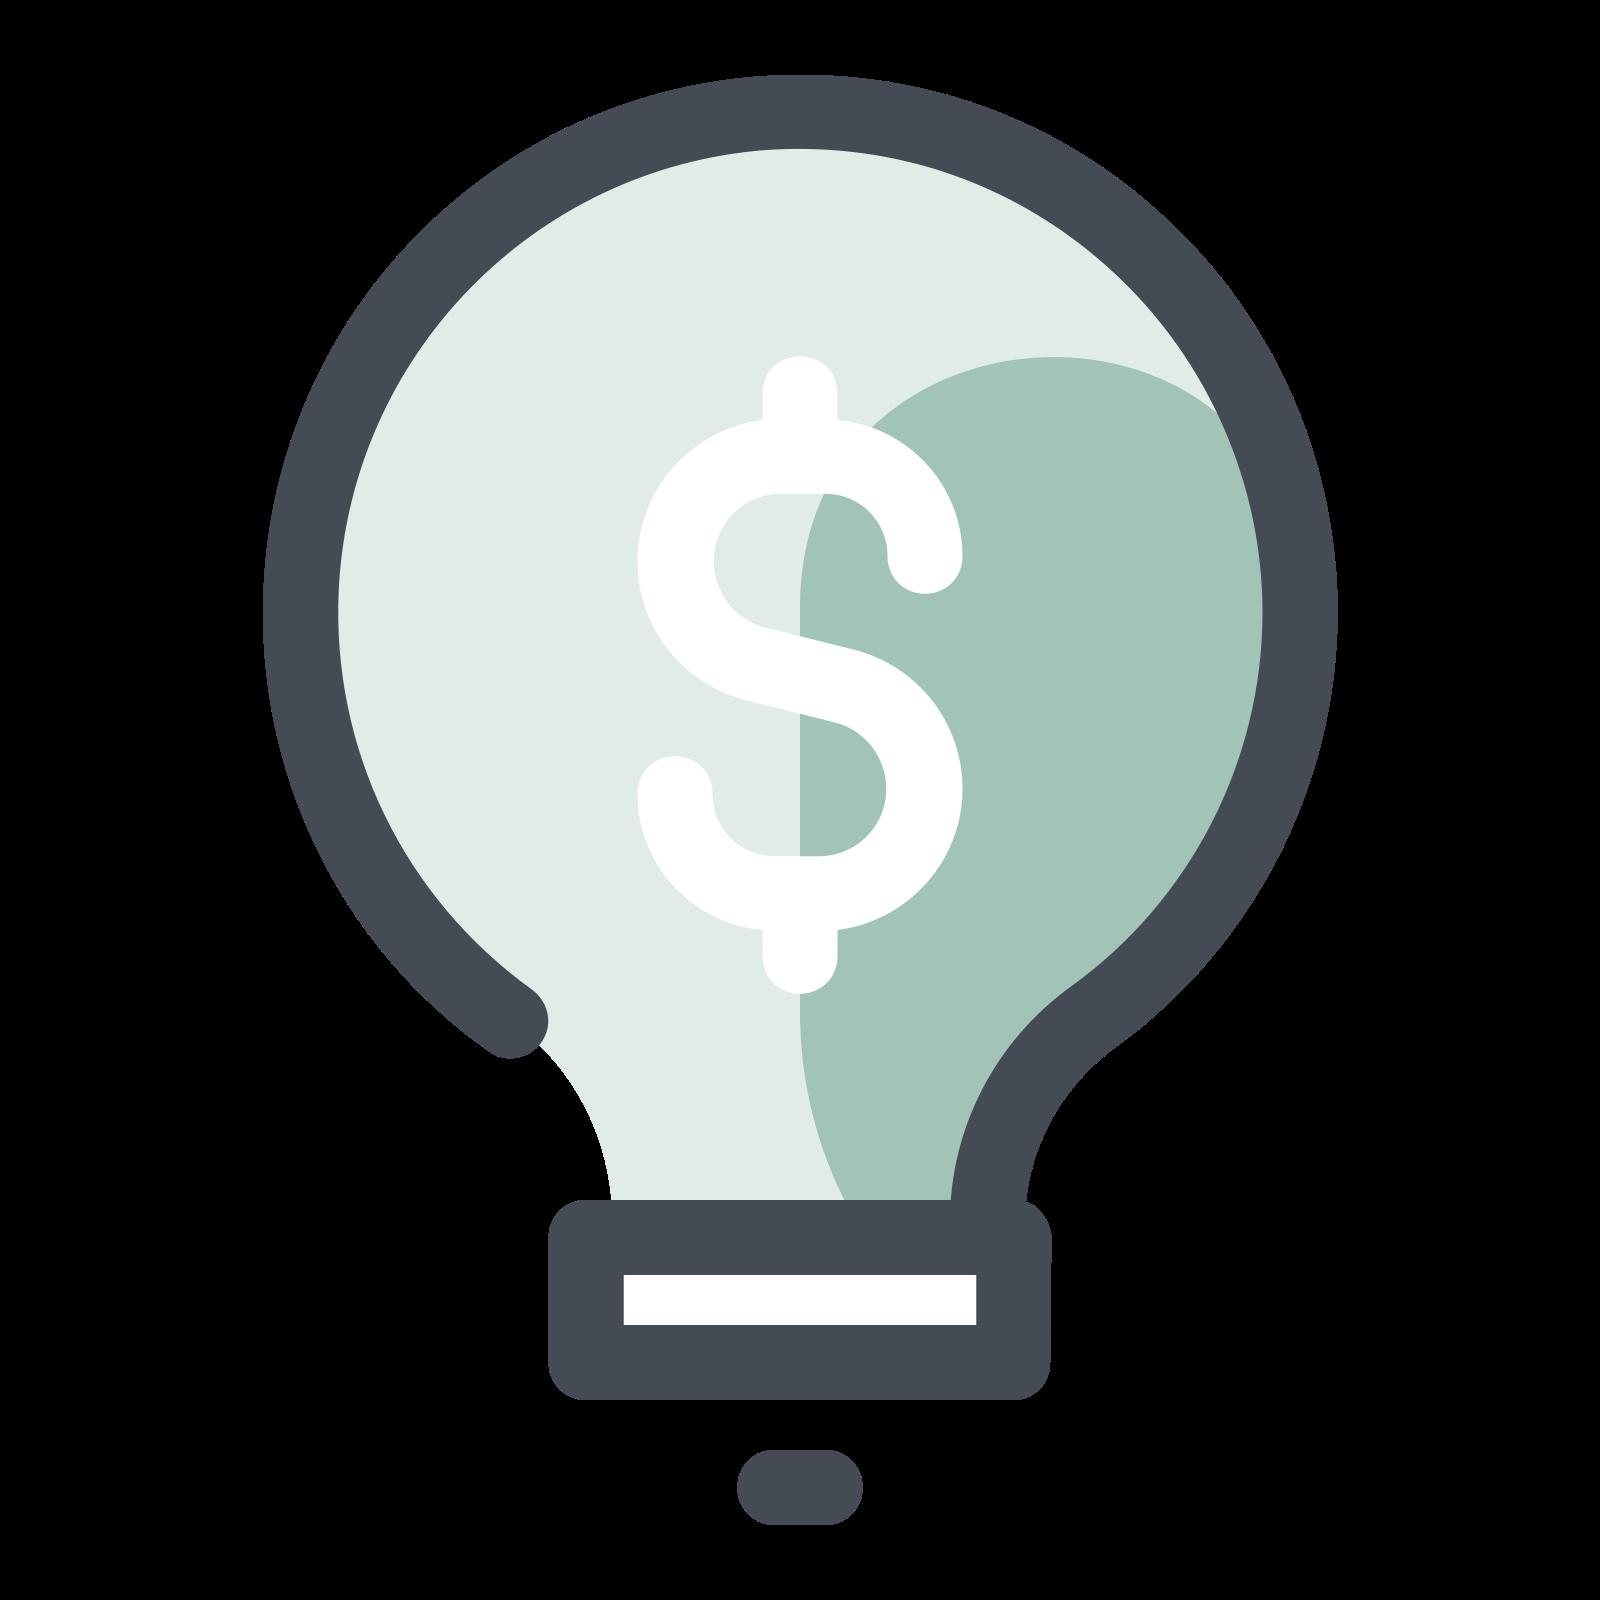 Opłacalny pomysł icon